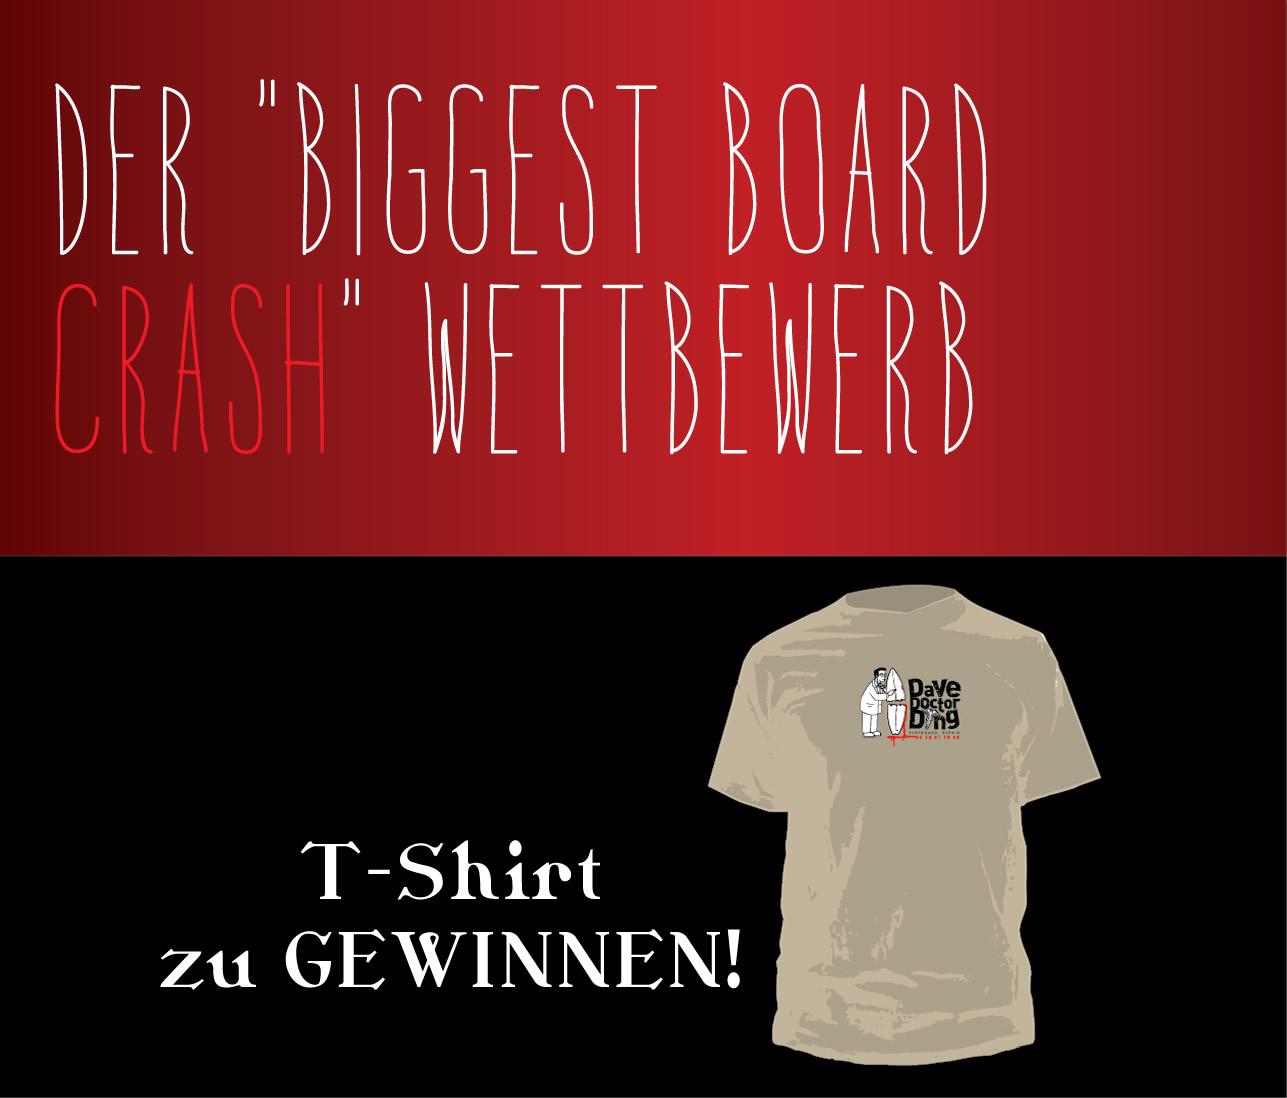 DaveDoctorDing - Alle Surfboard Reparaturen - Ding King Contest - DER BIGGEST BOARD CRASH WTTBEWERB